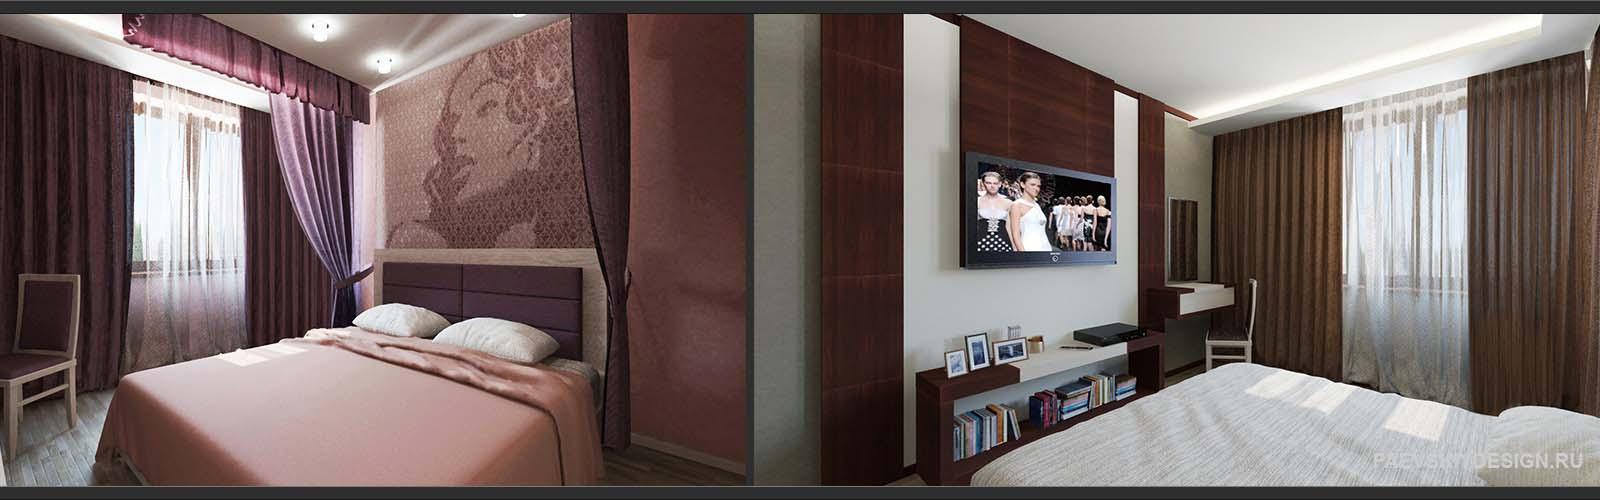 Идеи оформления спальни в квартире